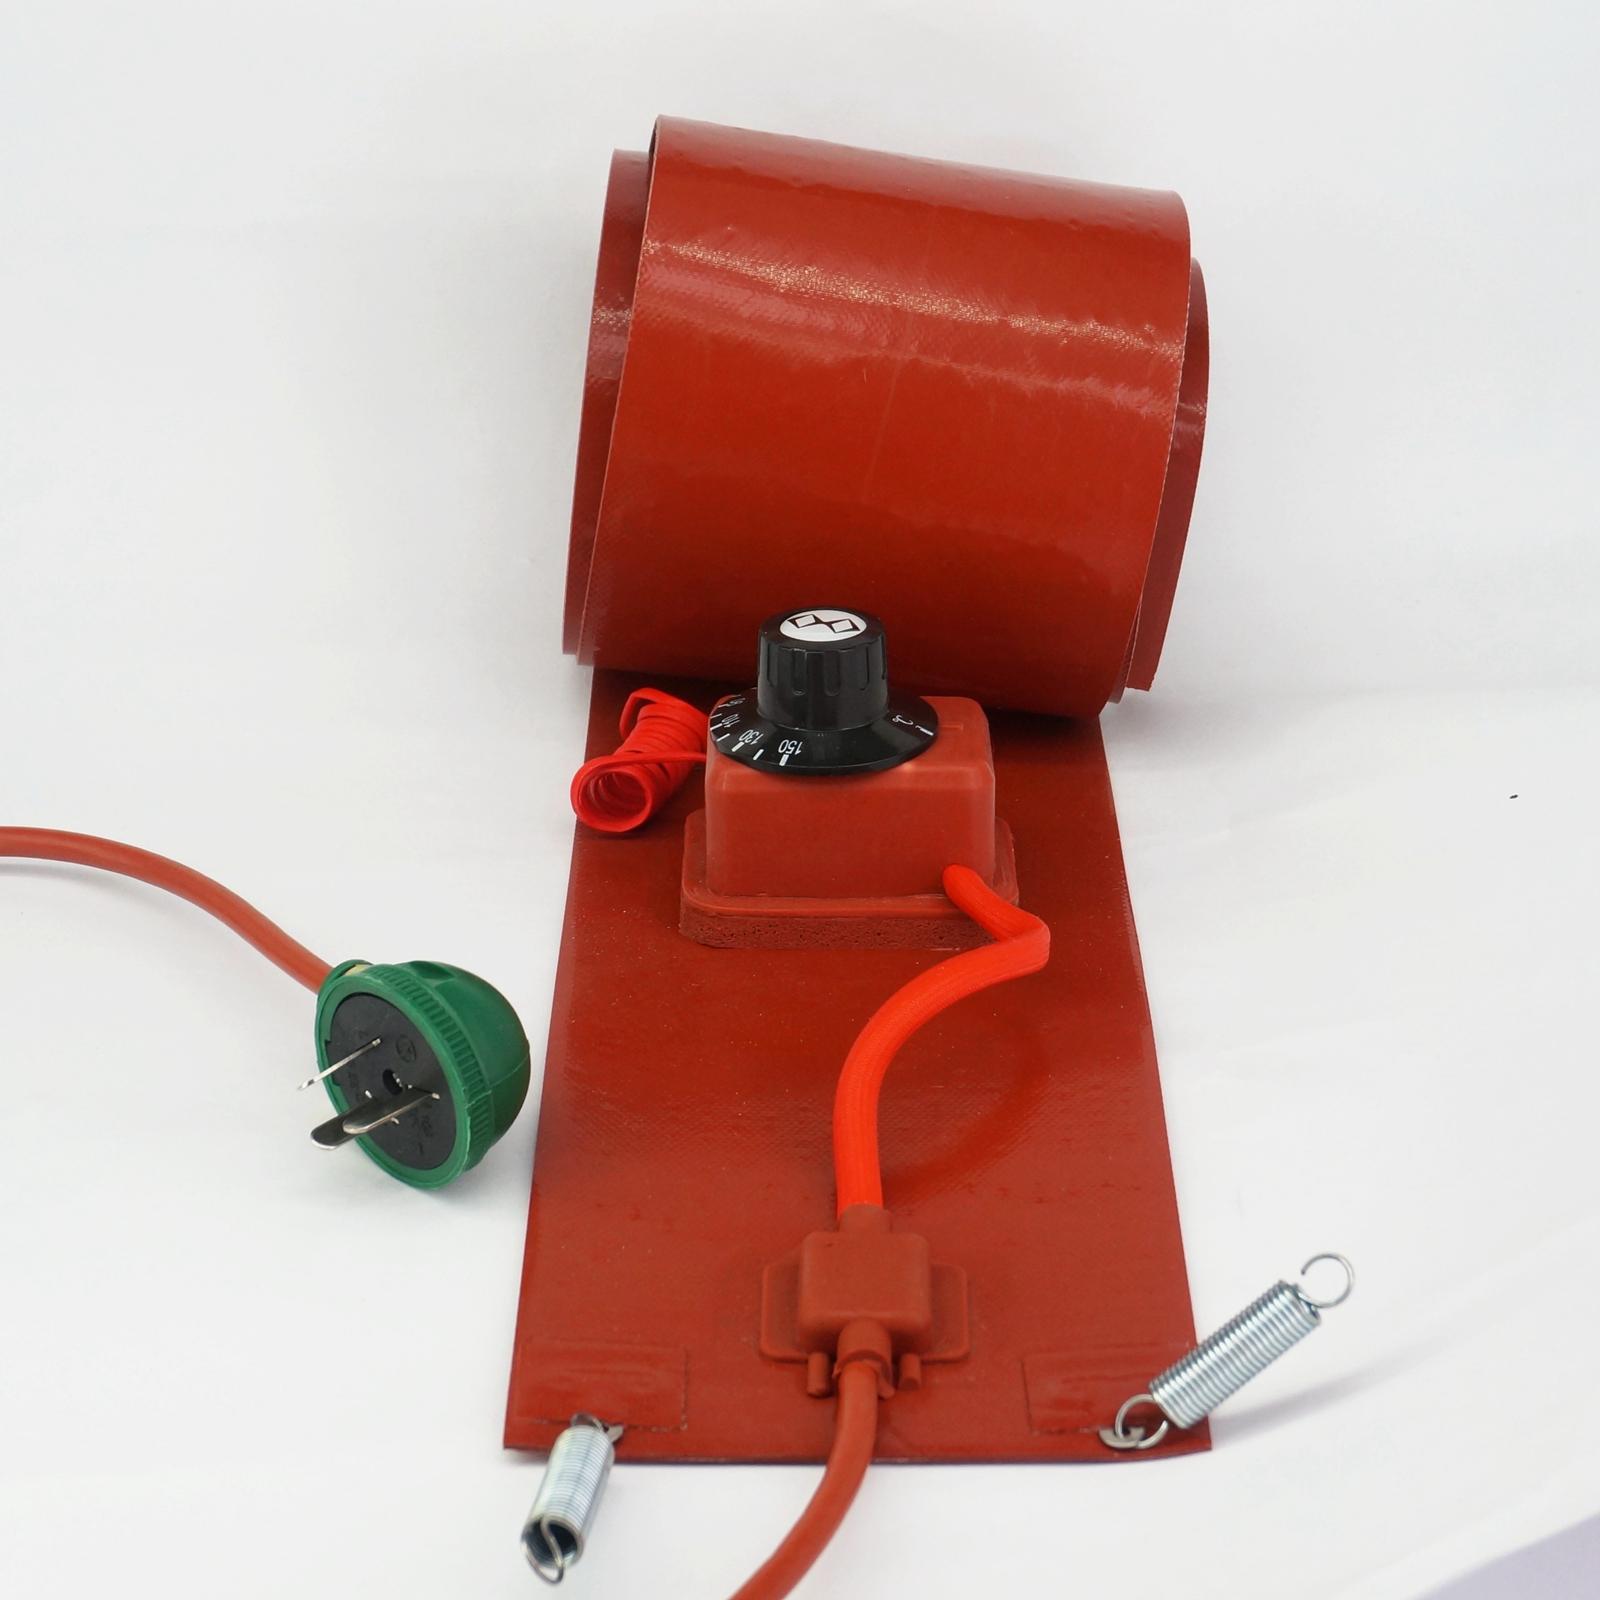 Cadinho de Alumina do Pe/cadinho Cadinho Análise Térmica da Amostra/prato/tga